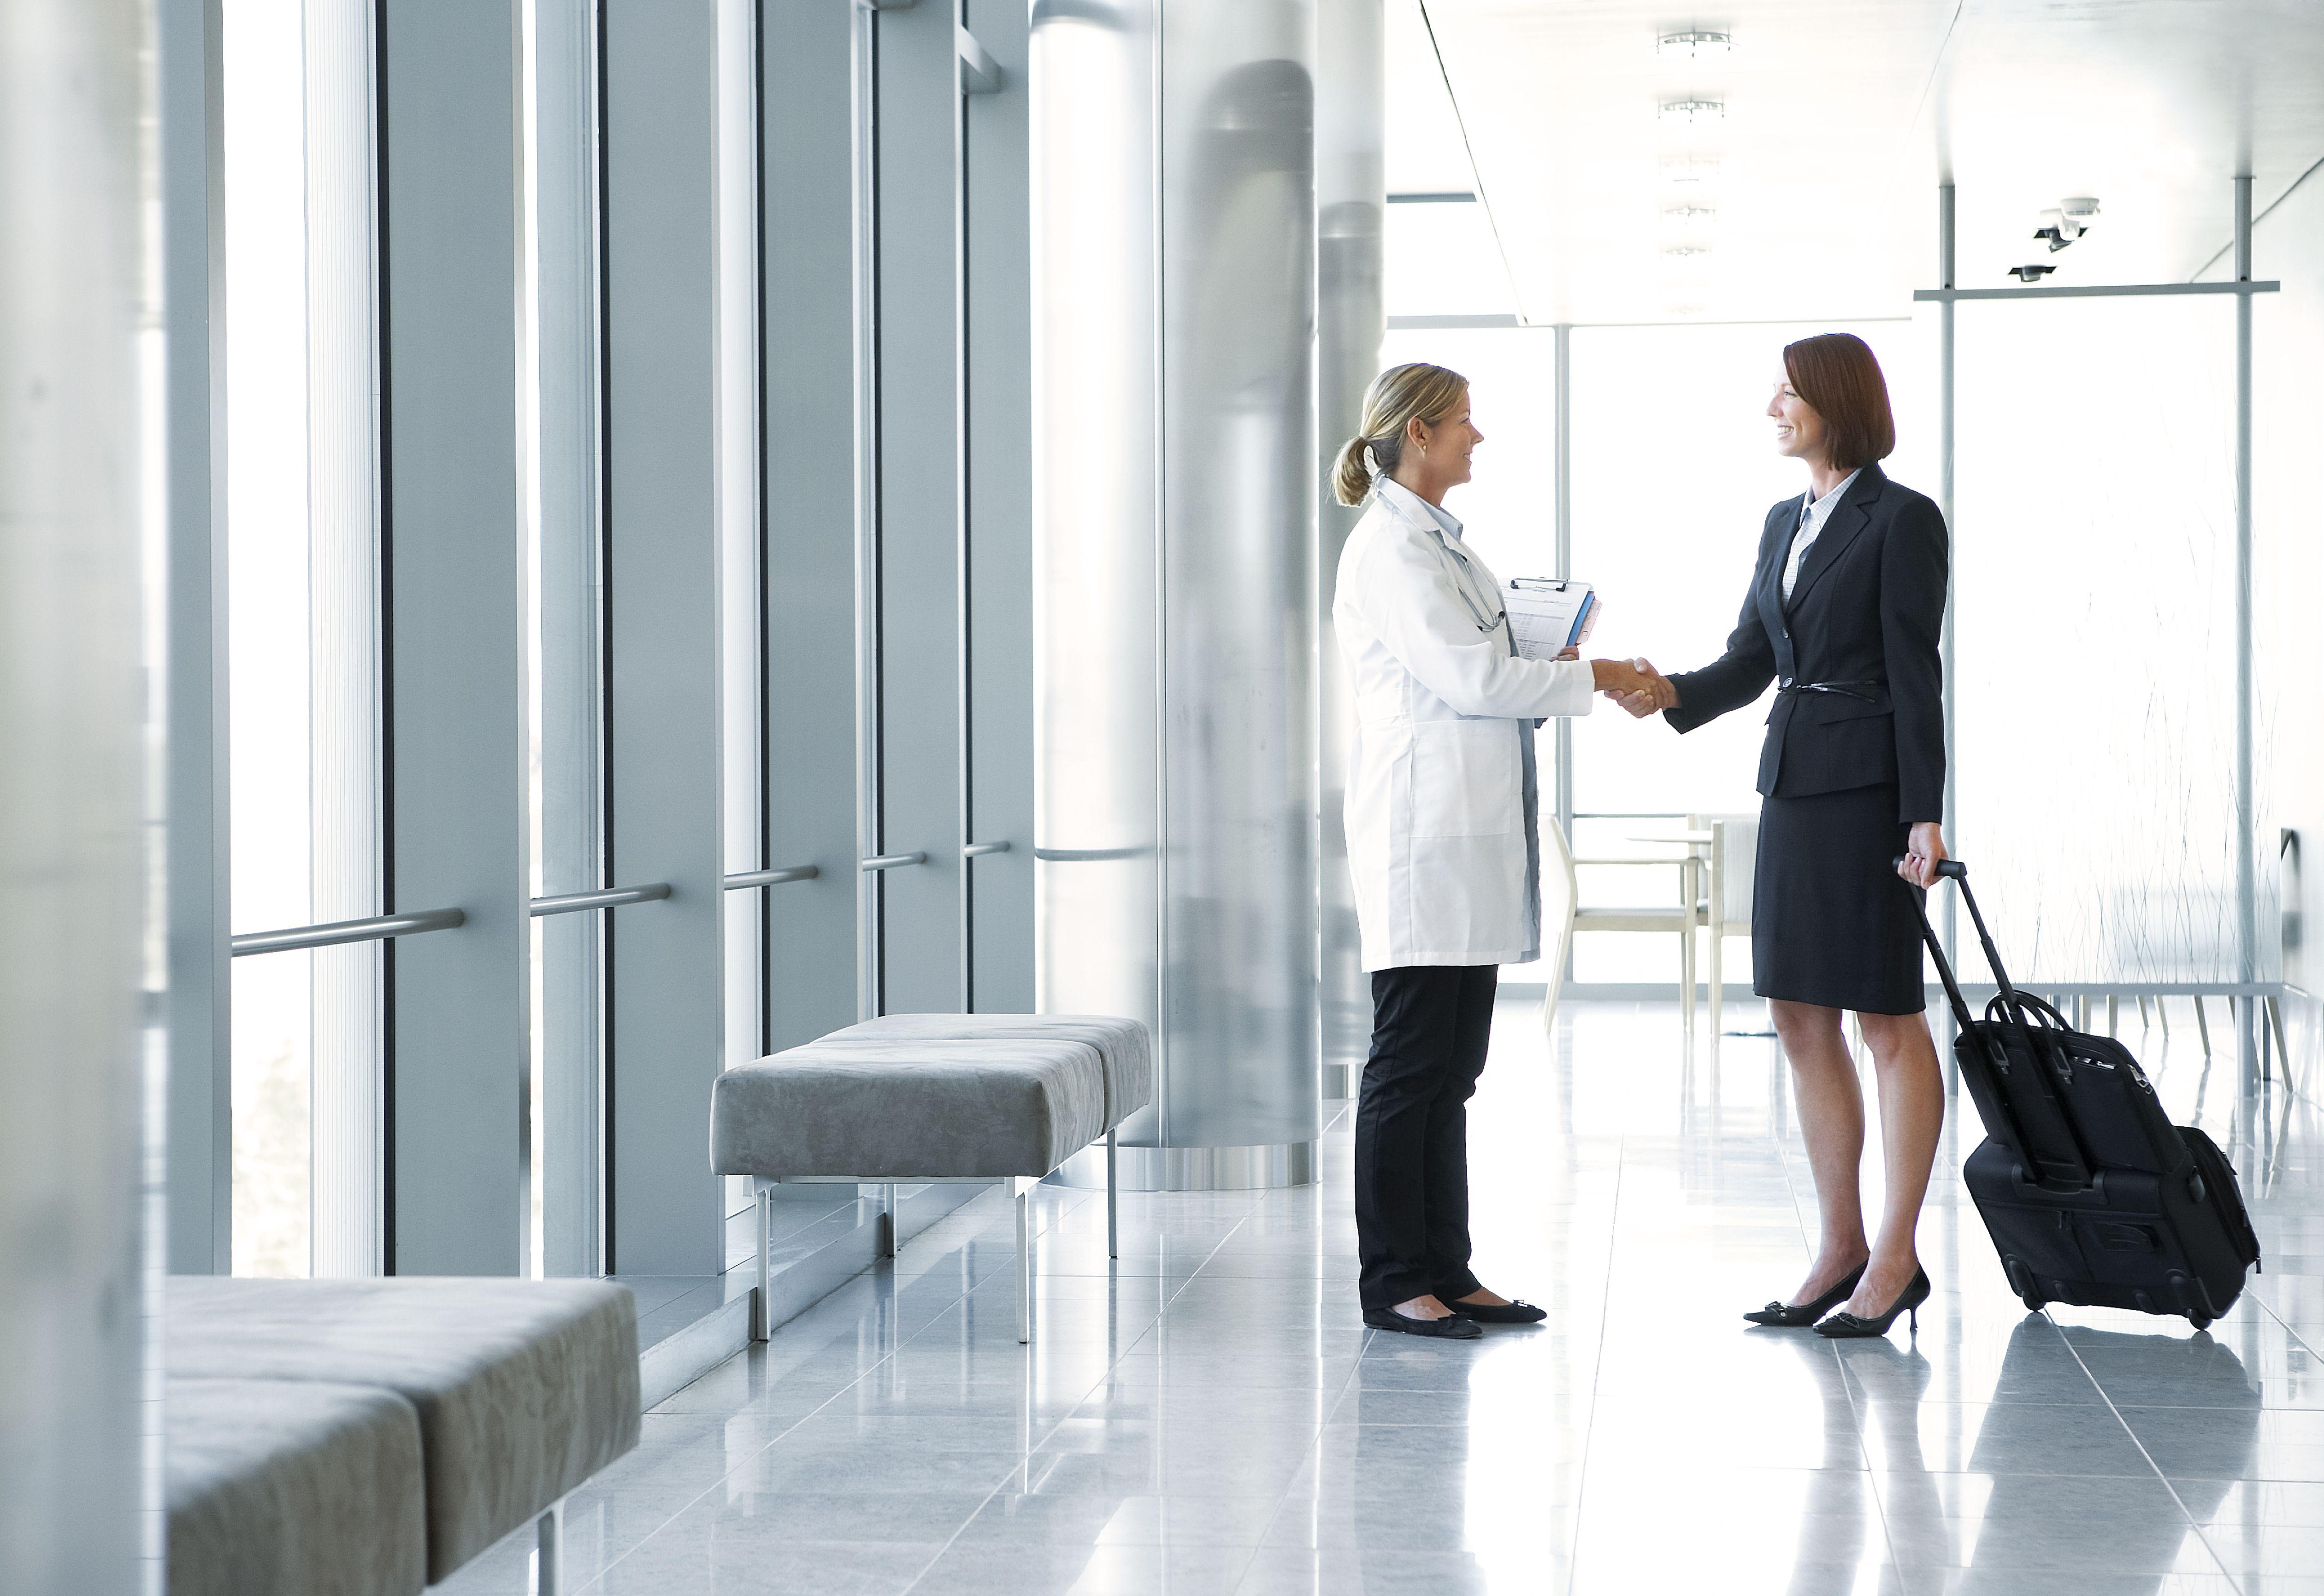 5 best jobs for women in healthcare